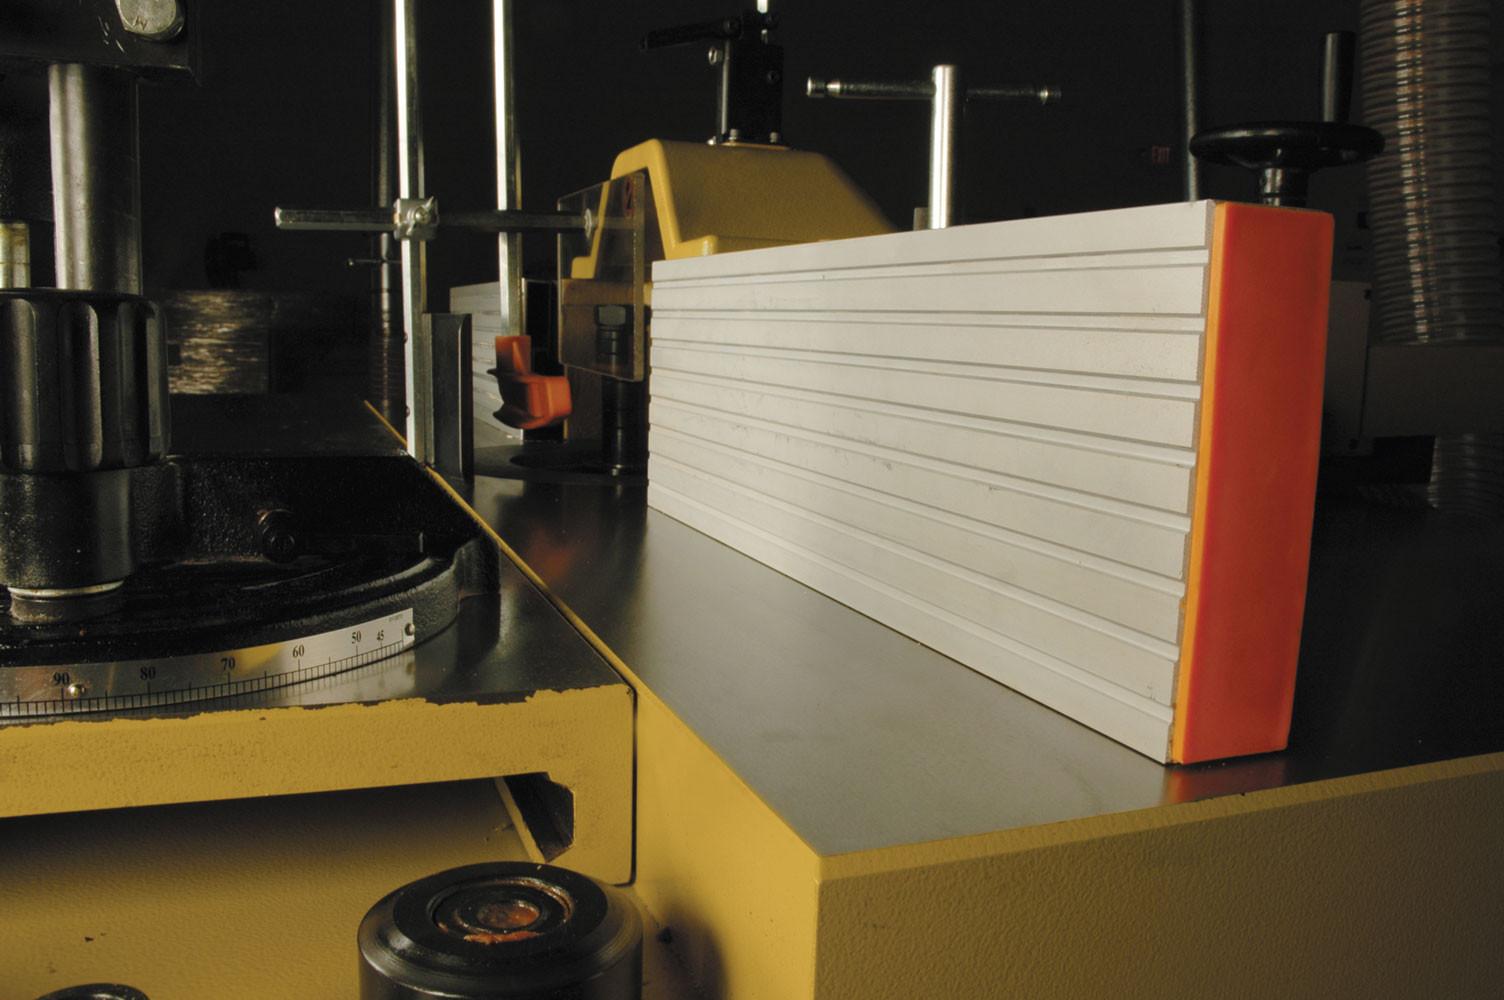 TS29 Фрезерный станок Powermatic фото 3